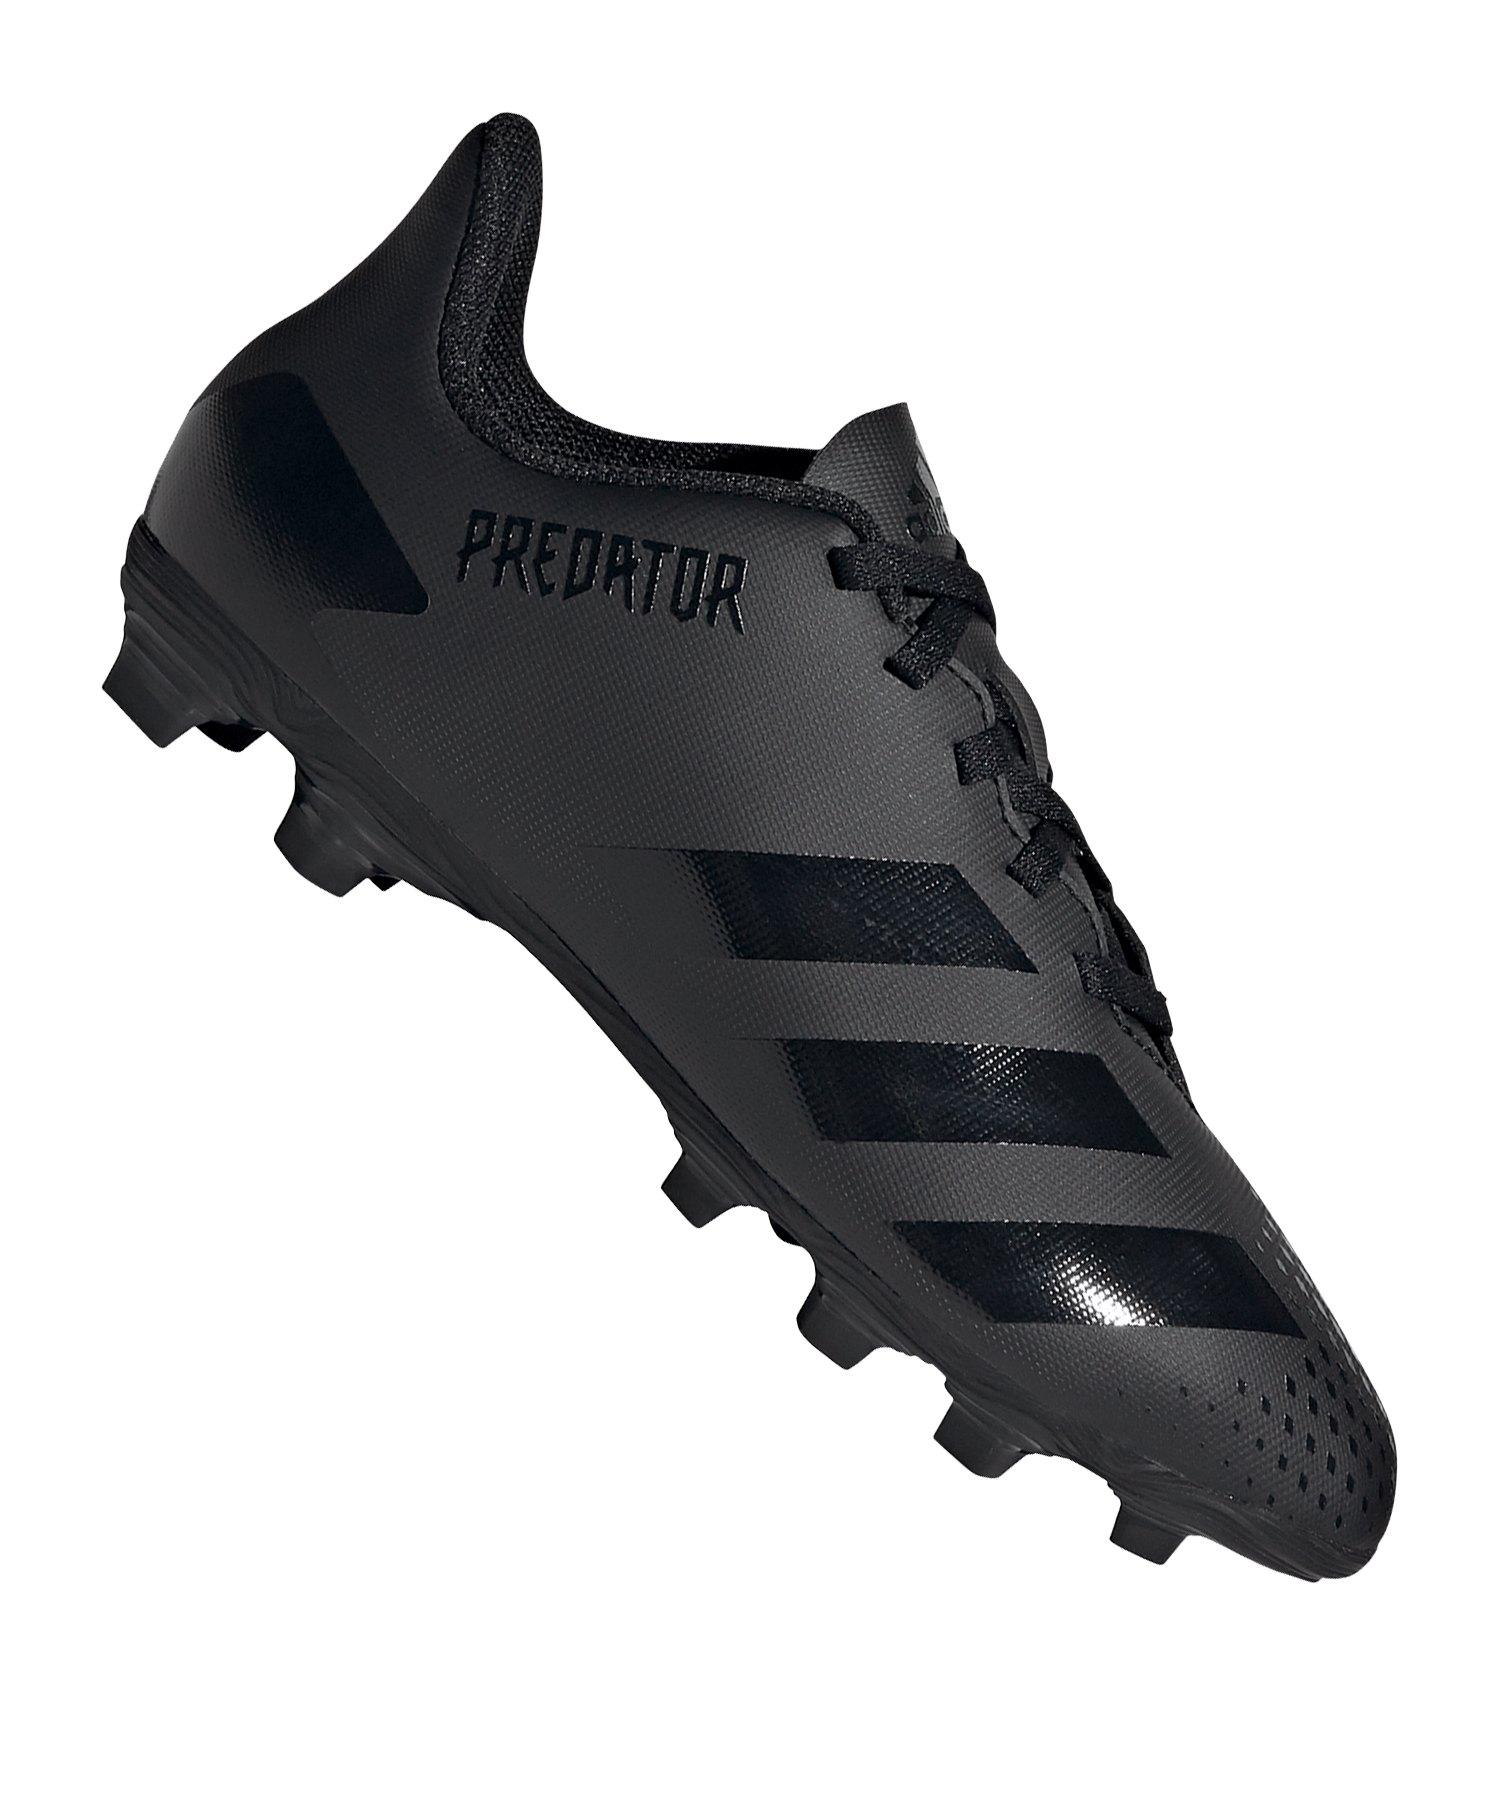 adidas Predator 20.4 FxG J Kids Schwarz Grau - schwarz